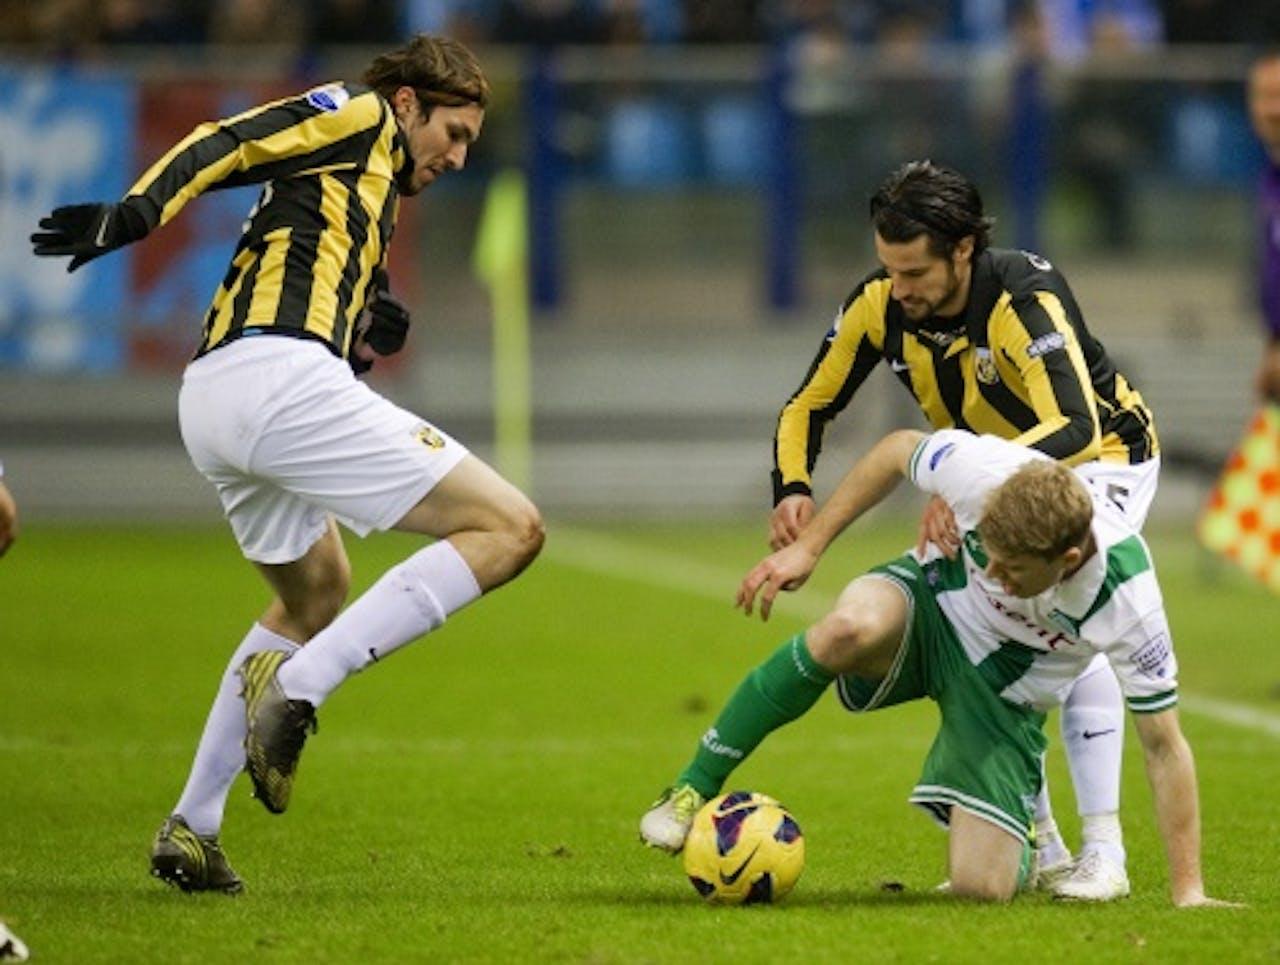 Mike Havenaar (L) en Simon Cziommer (R) van Vitesse in duel met Michael de Leeuw van FC Groningen, ANP